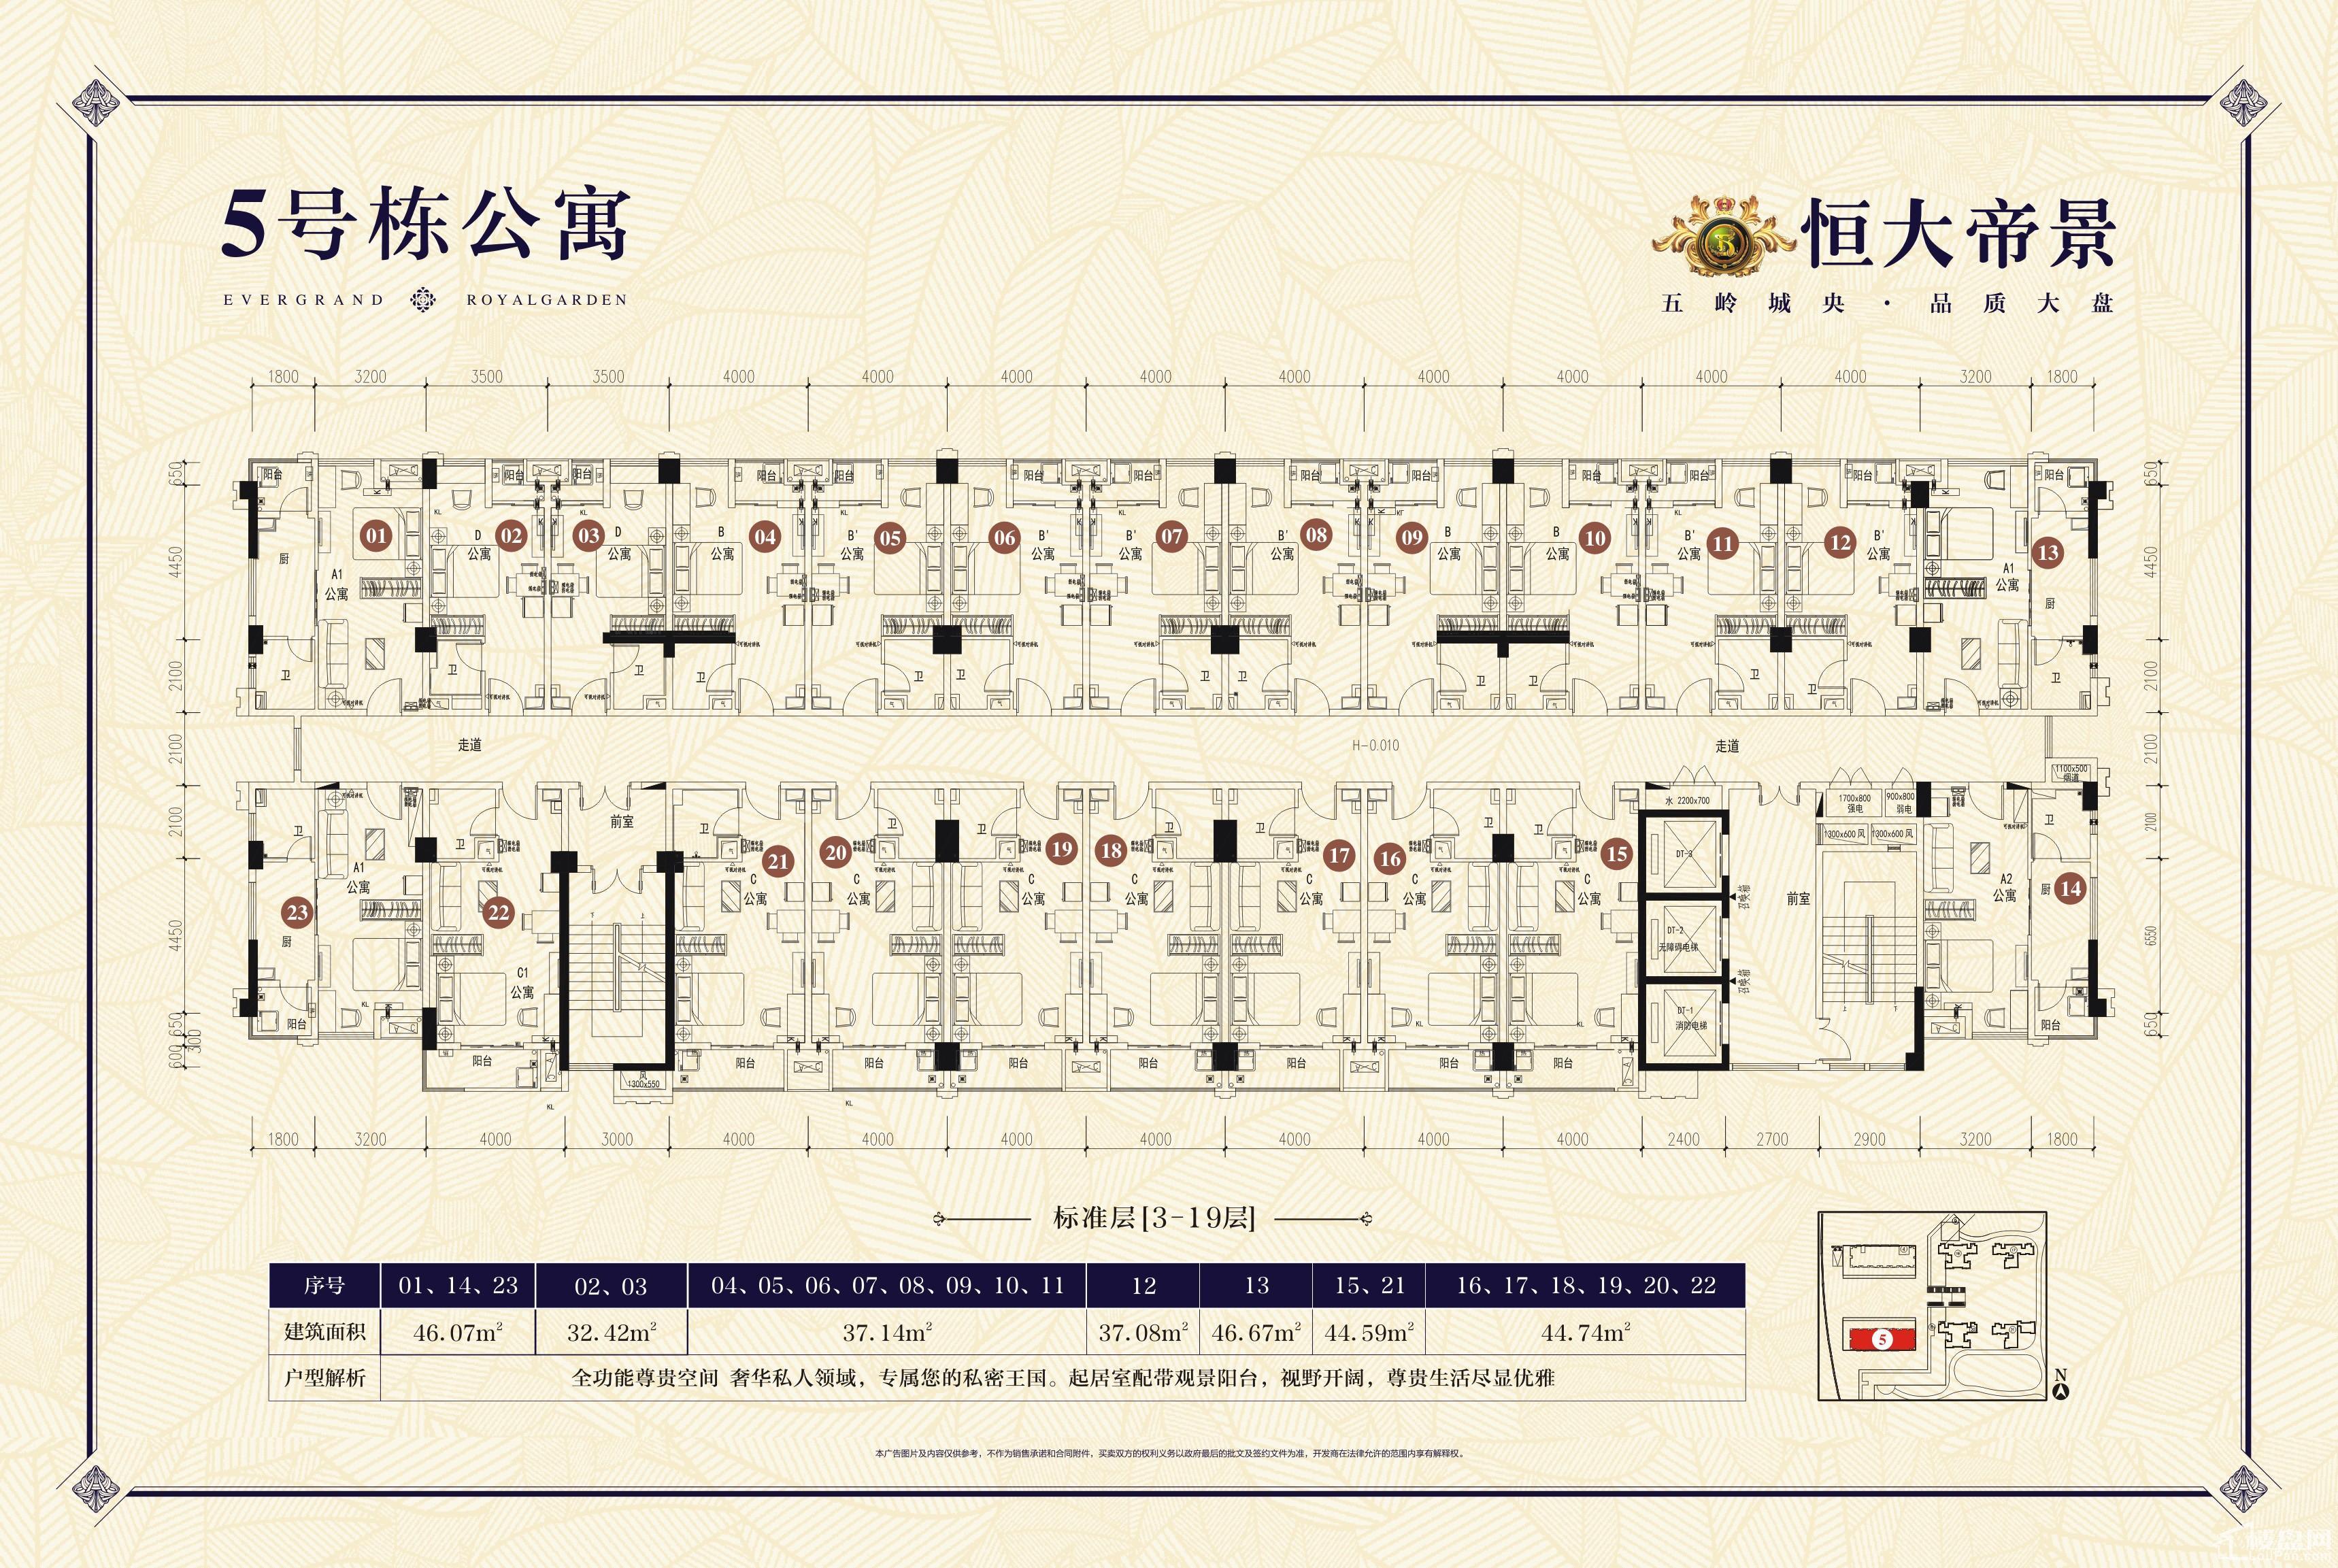 郴州恒大帝景5#栋公寓